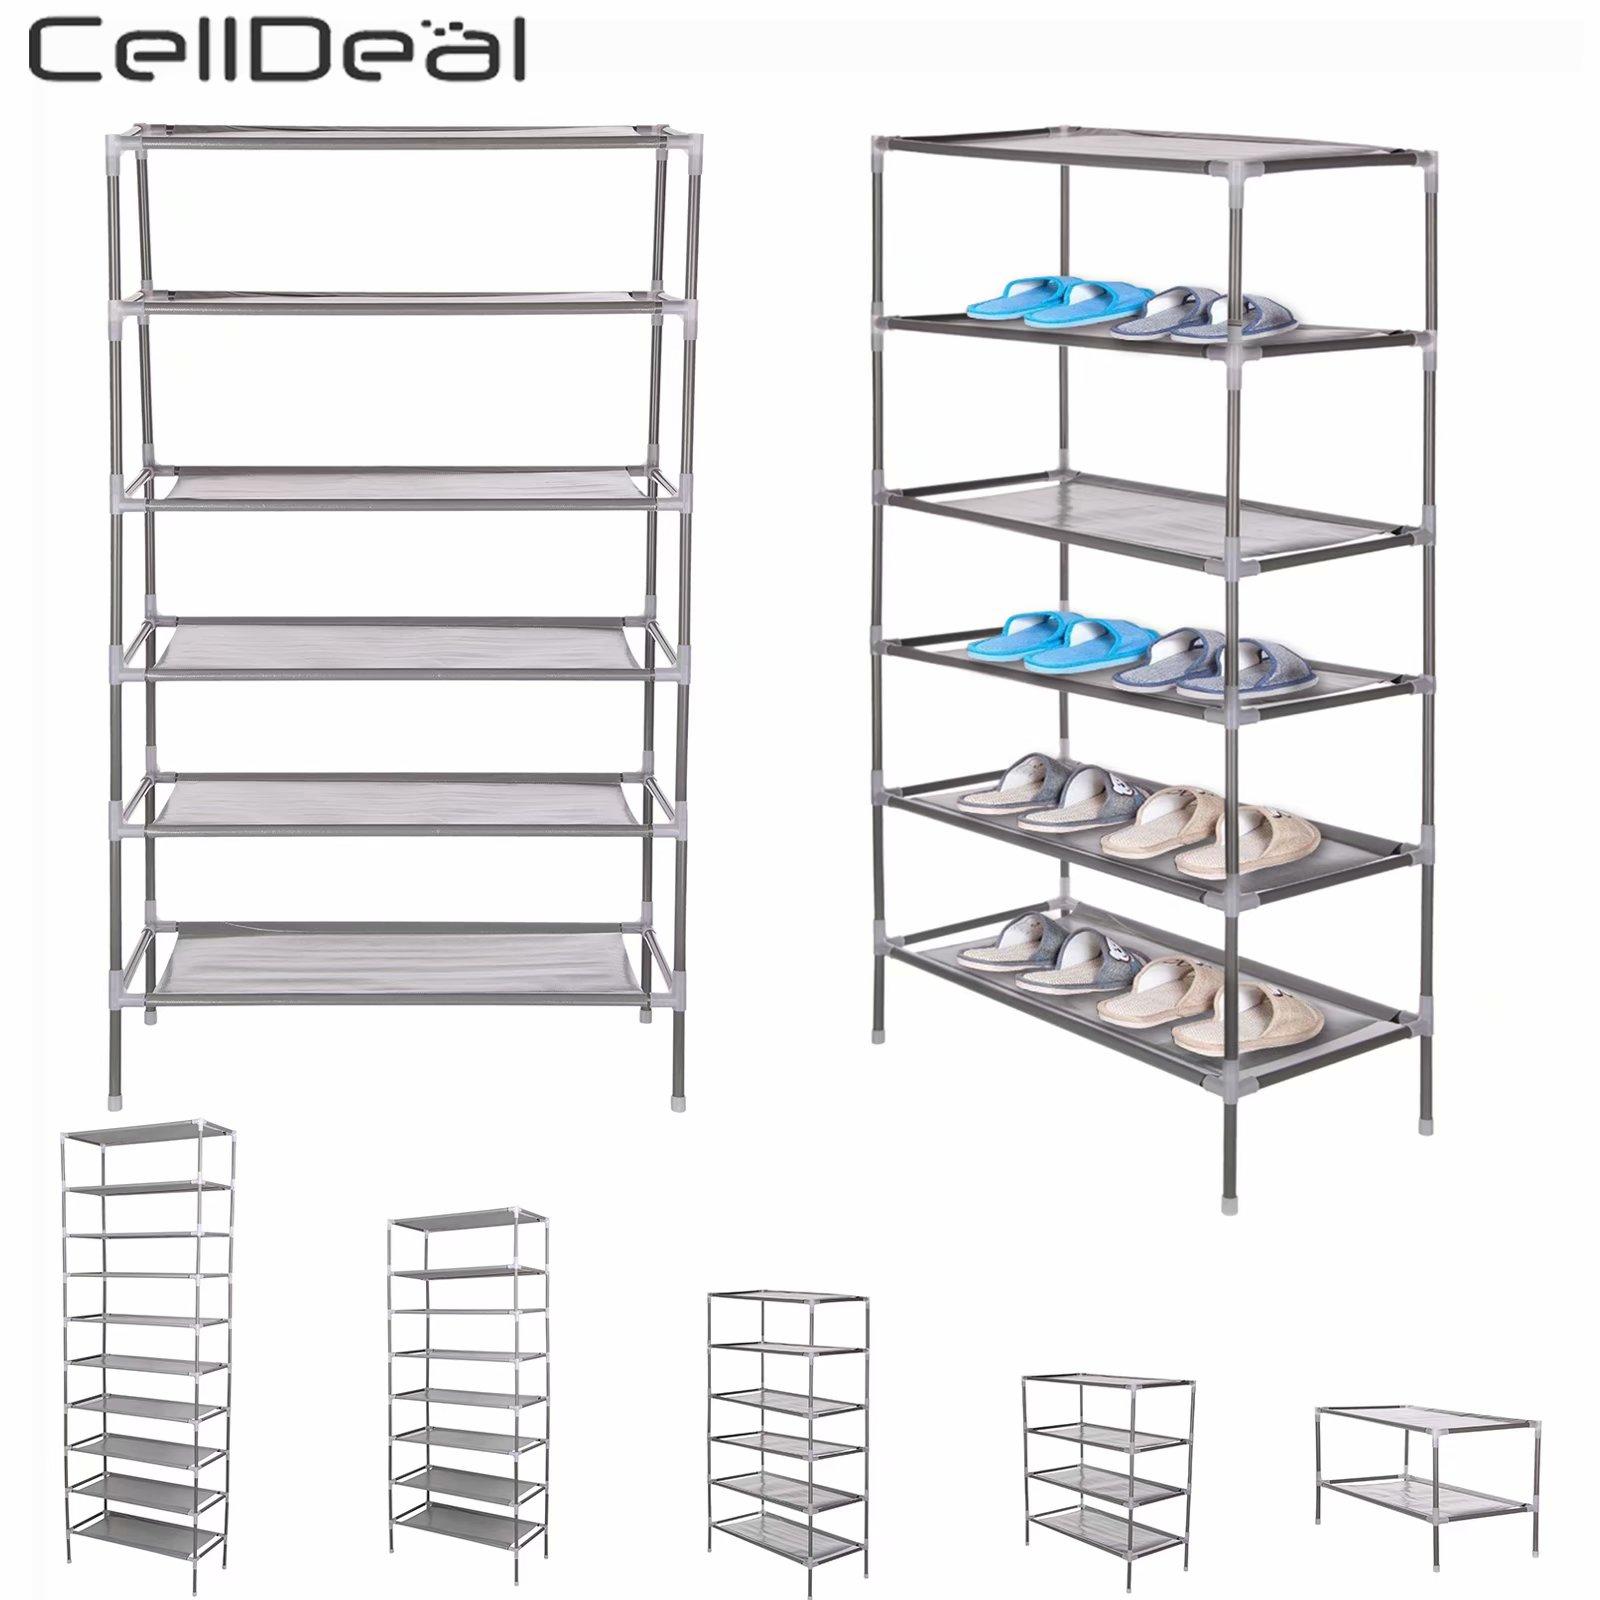 CellDeal 2/4/6/8/10 Tiers Vliesstoff Staub Schuh Rack Lagerung Veranstalter abdeckung Schrank Regal Schrank 6/12/18/24/30 Pairs